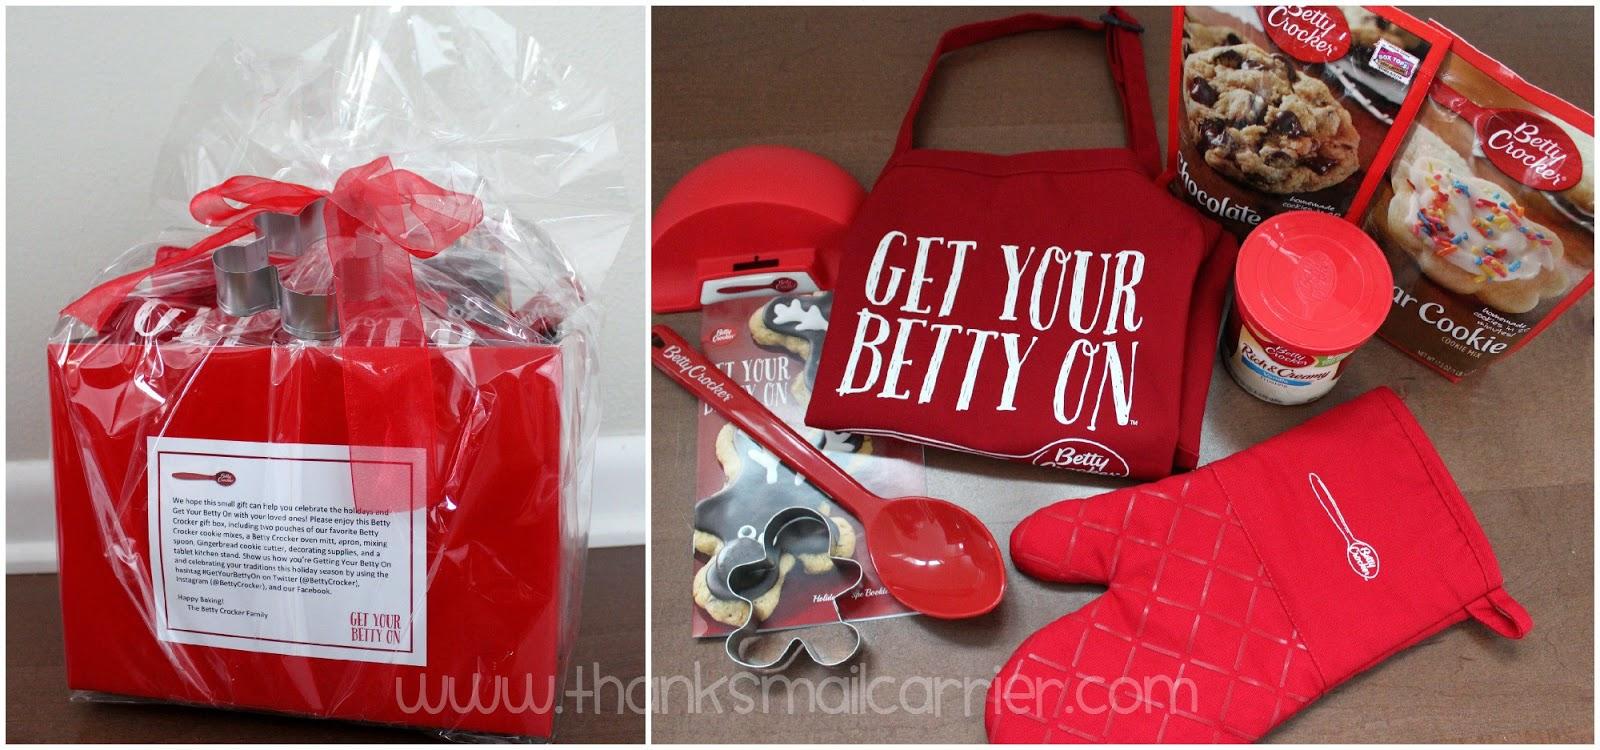 Betty Crocker baking